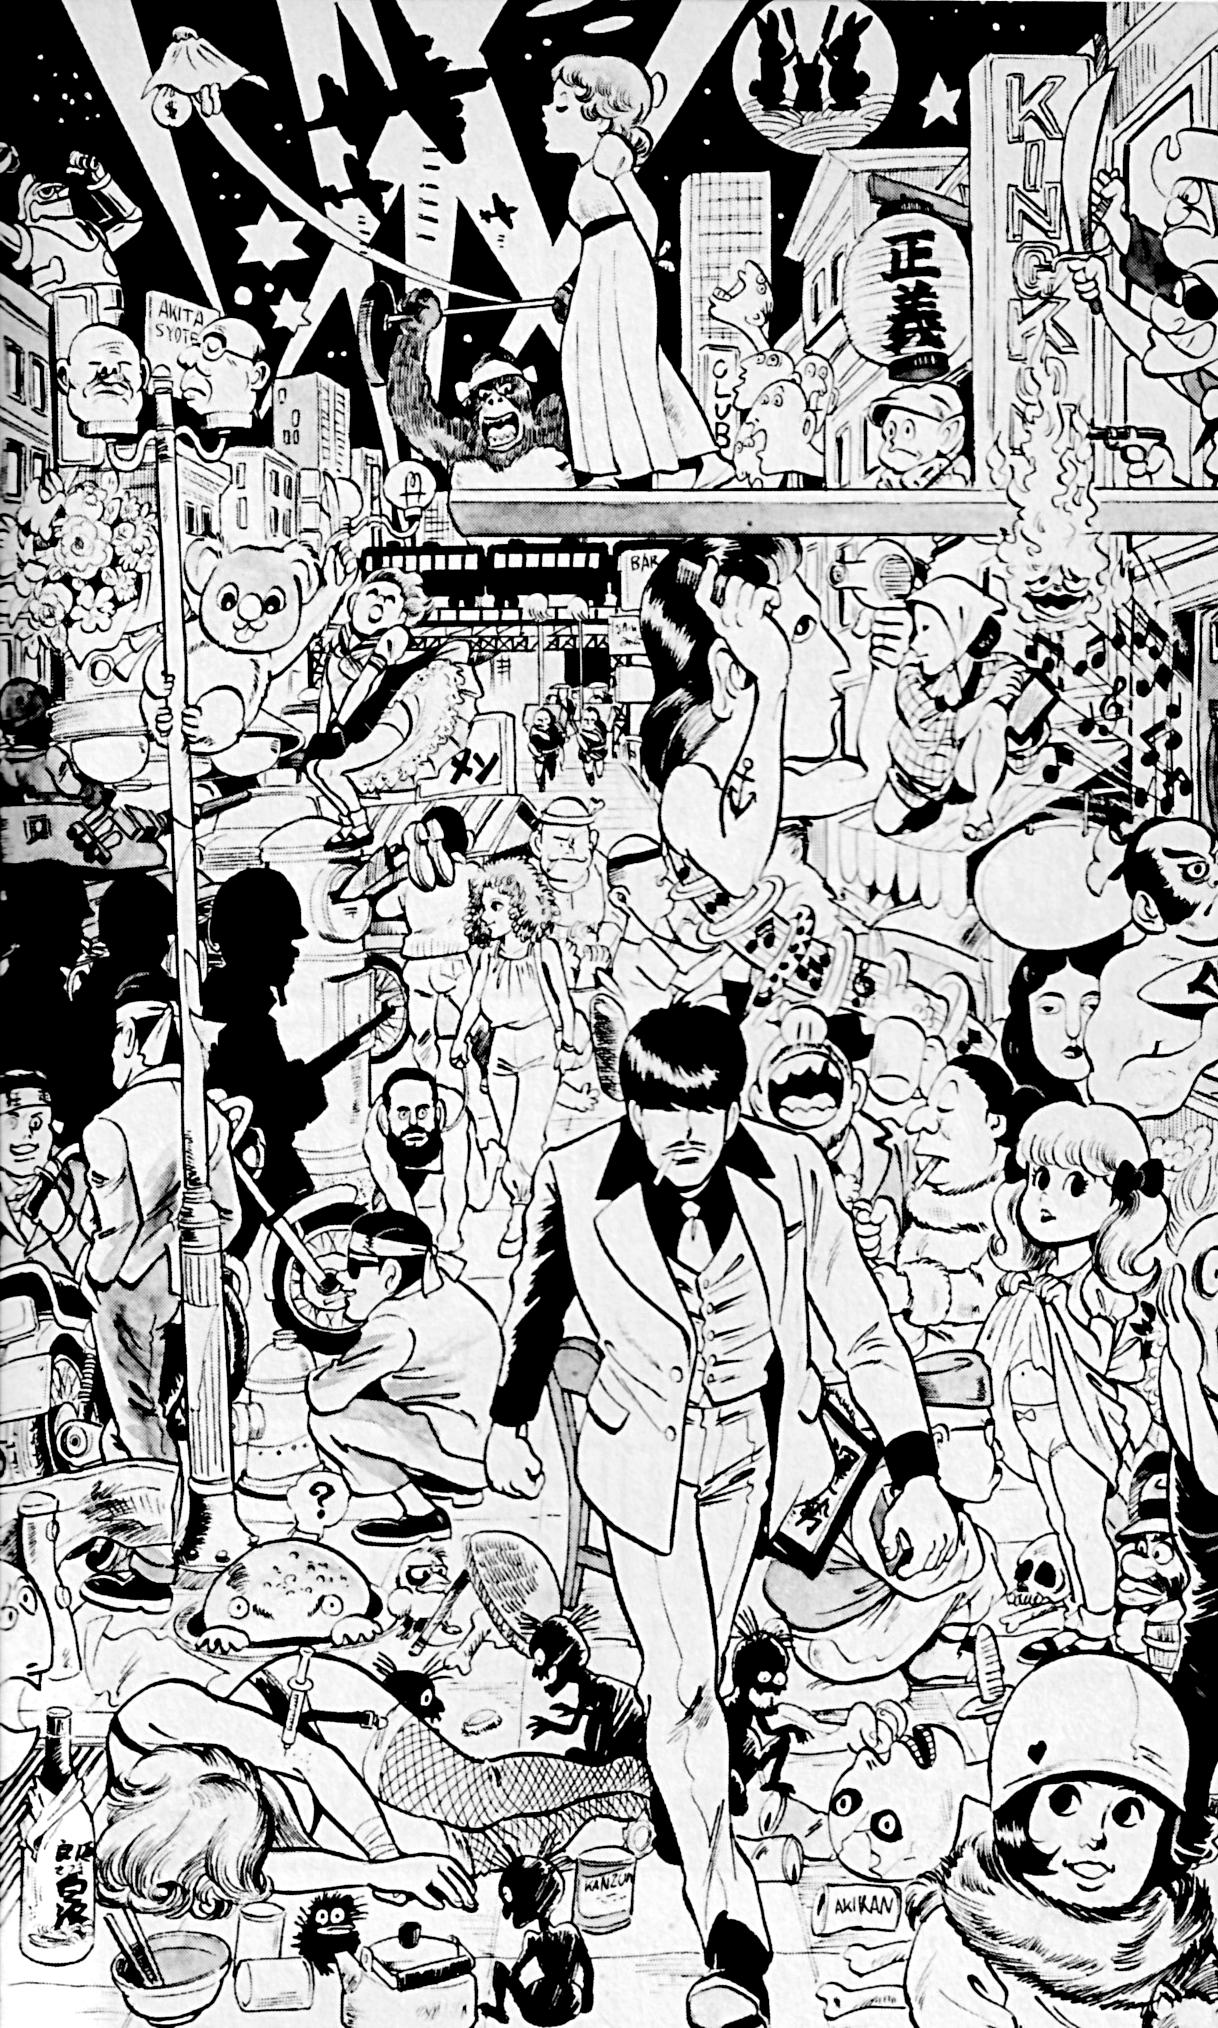 『マカロニほうれん荘』の事実9:うつくしく丁寧な画稿は何と1人で!